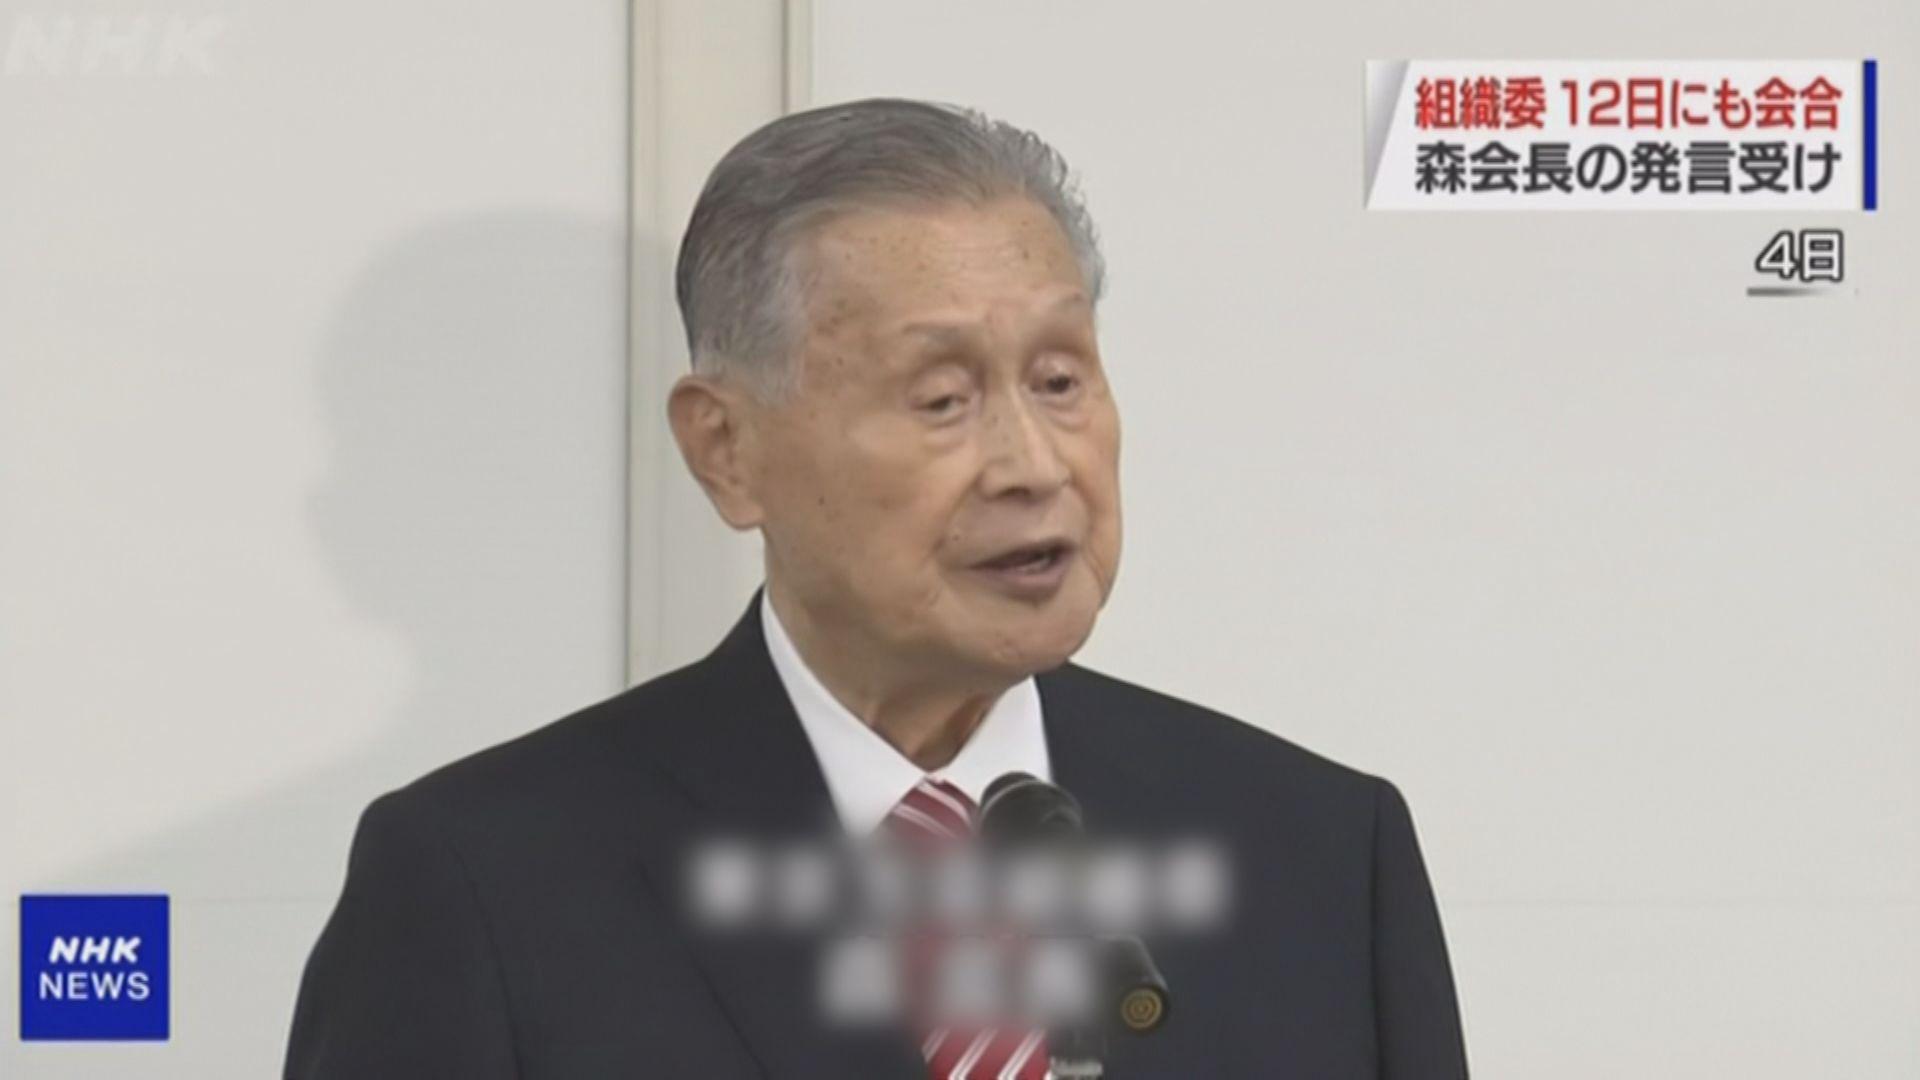 東京奧組委擬就森喜朗歧視女性言論開會討論